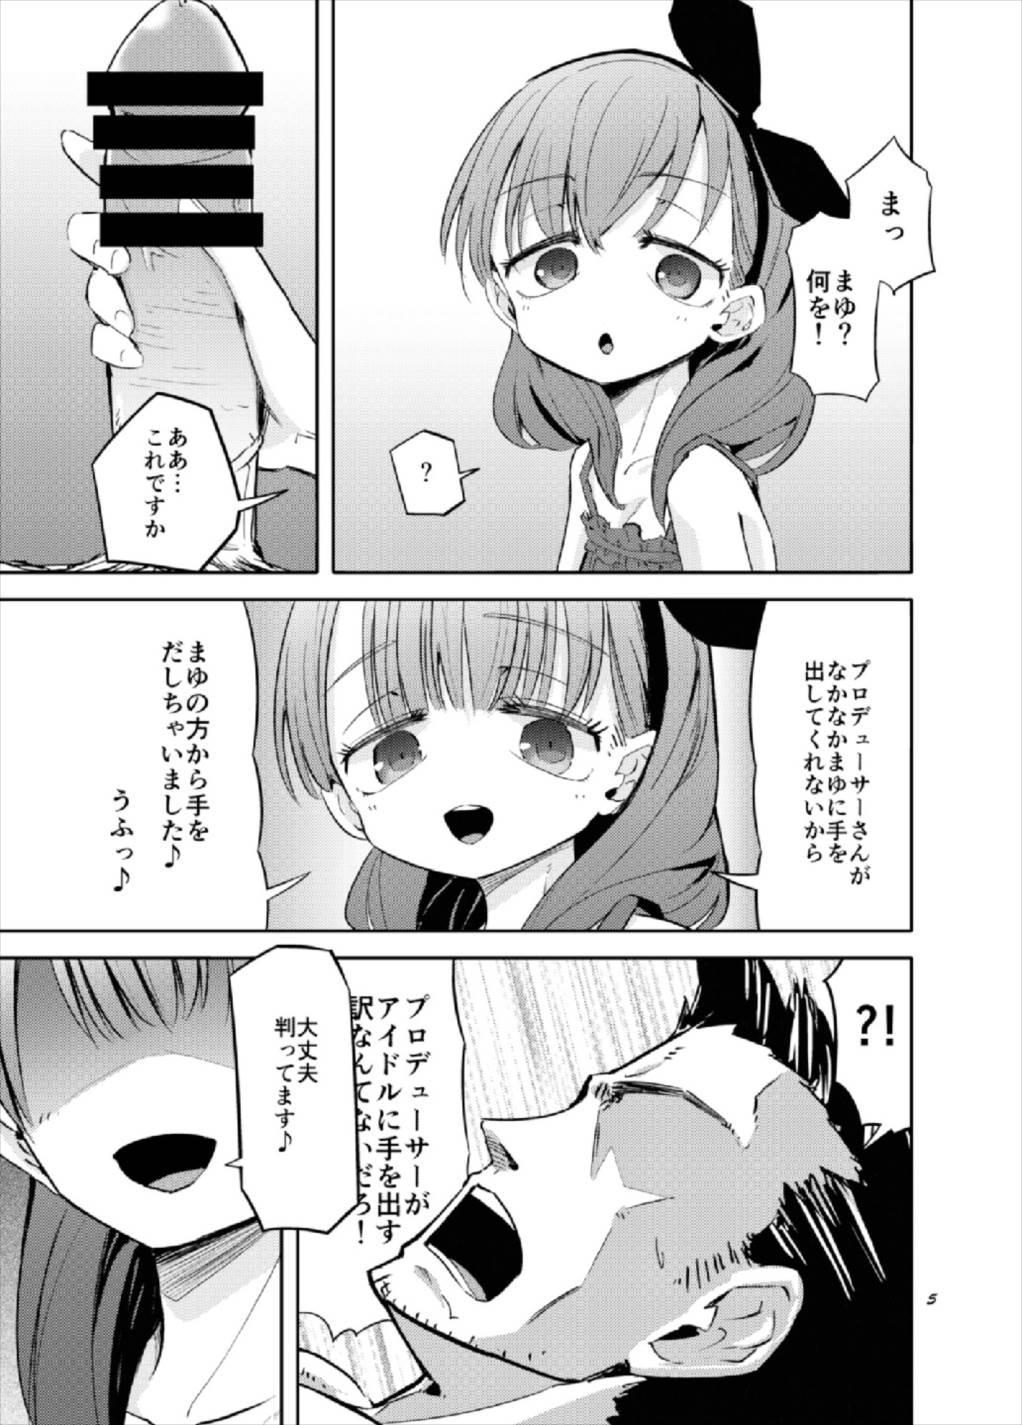 Gaman Dekinakatta Sakuma Mayu ga Majimena P o Kousoku Shite Gyakure Suru Hanashi 4